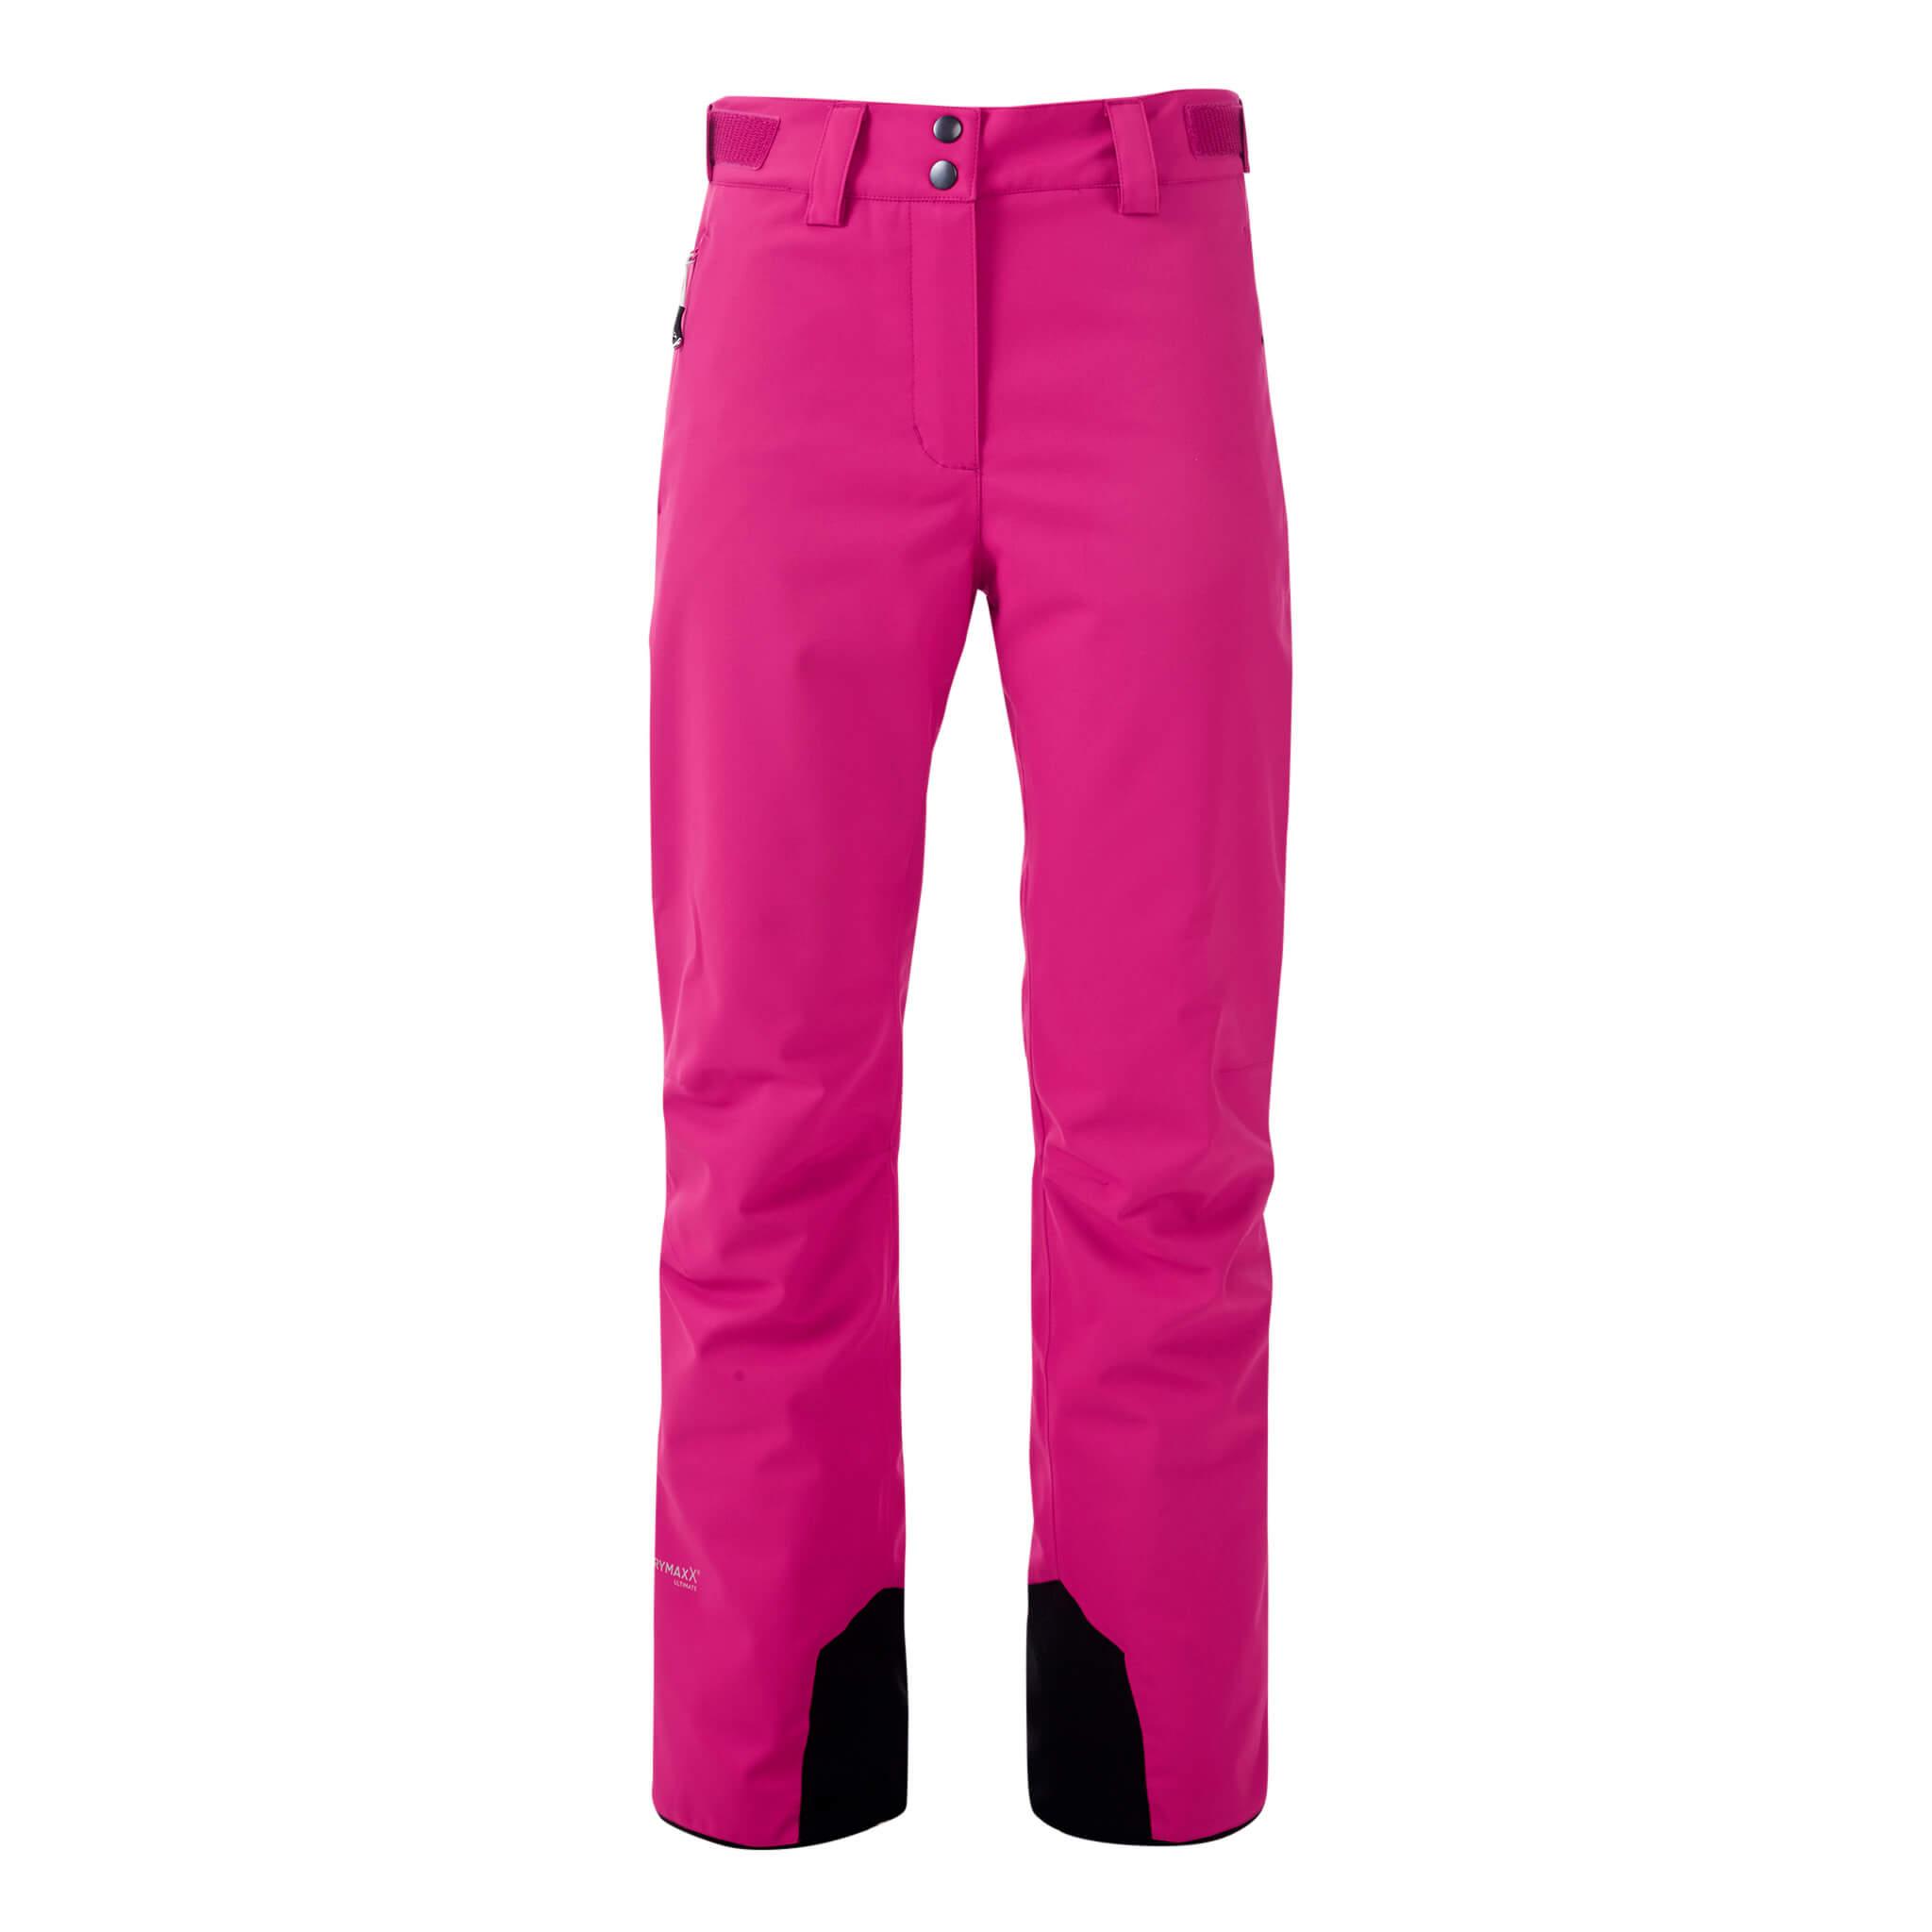 spodnie fischer fulpmes virtual pink 2021